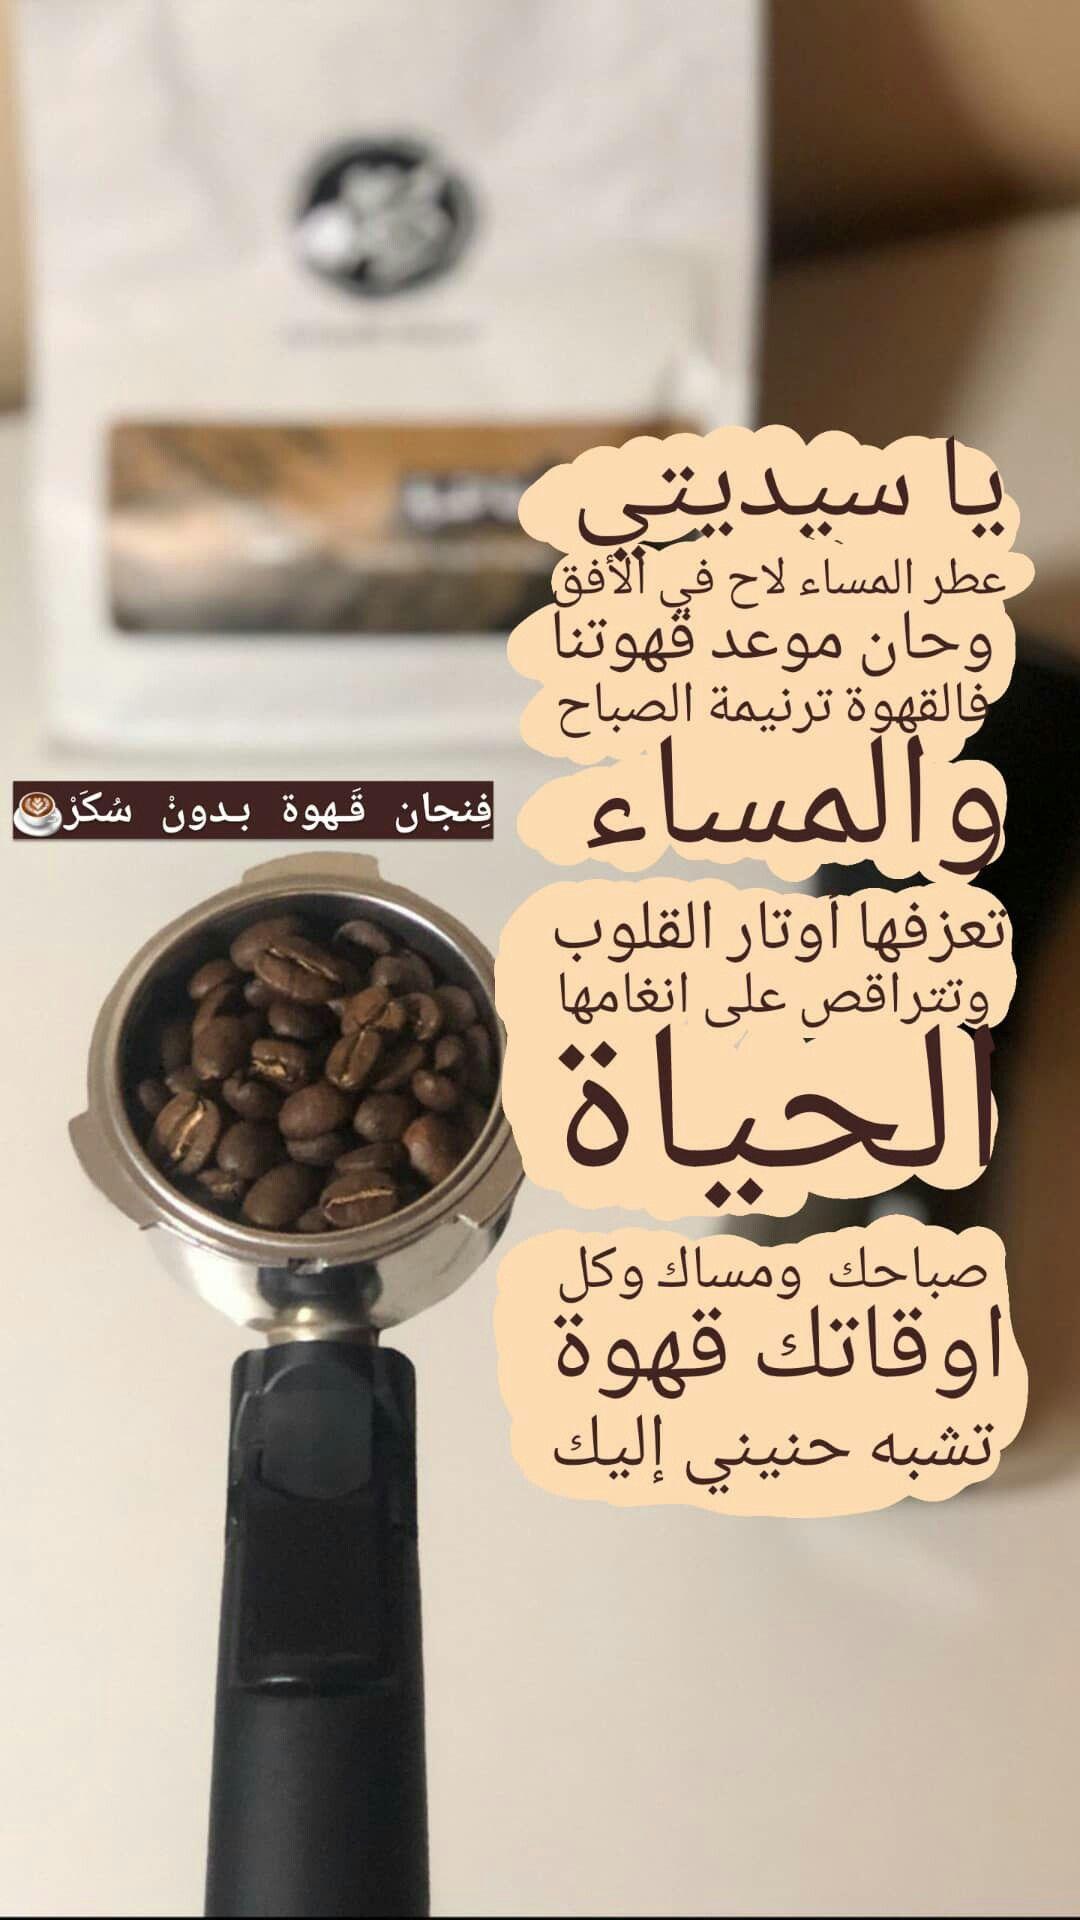 القهوة قهوتي قهوتك بن سمراء قهوة لايك و كومنت تحفيز للاستمرار بدعمكم نستمر ف نجان ق ـهوة بـدون س ك Food Coffee Quotes Breakfast